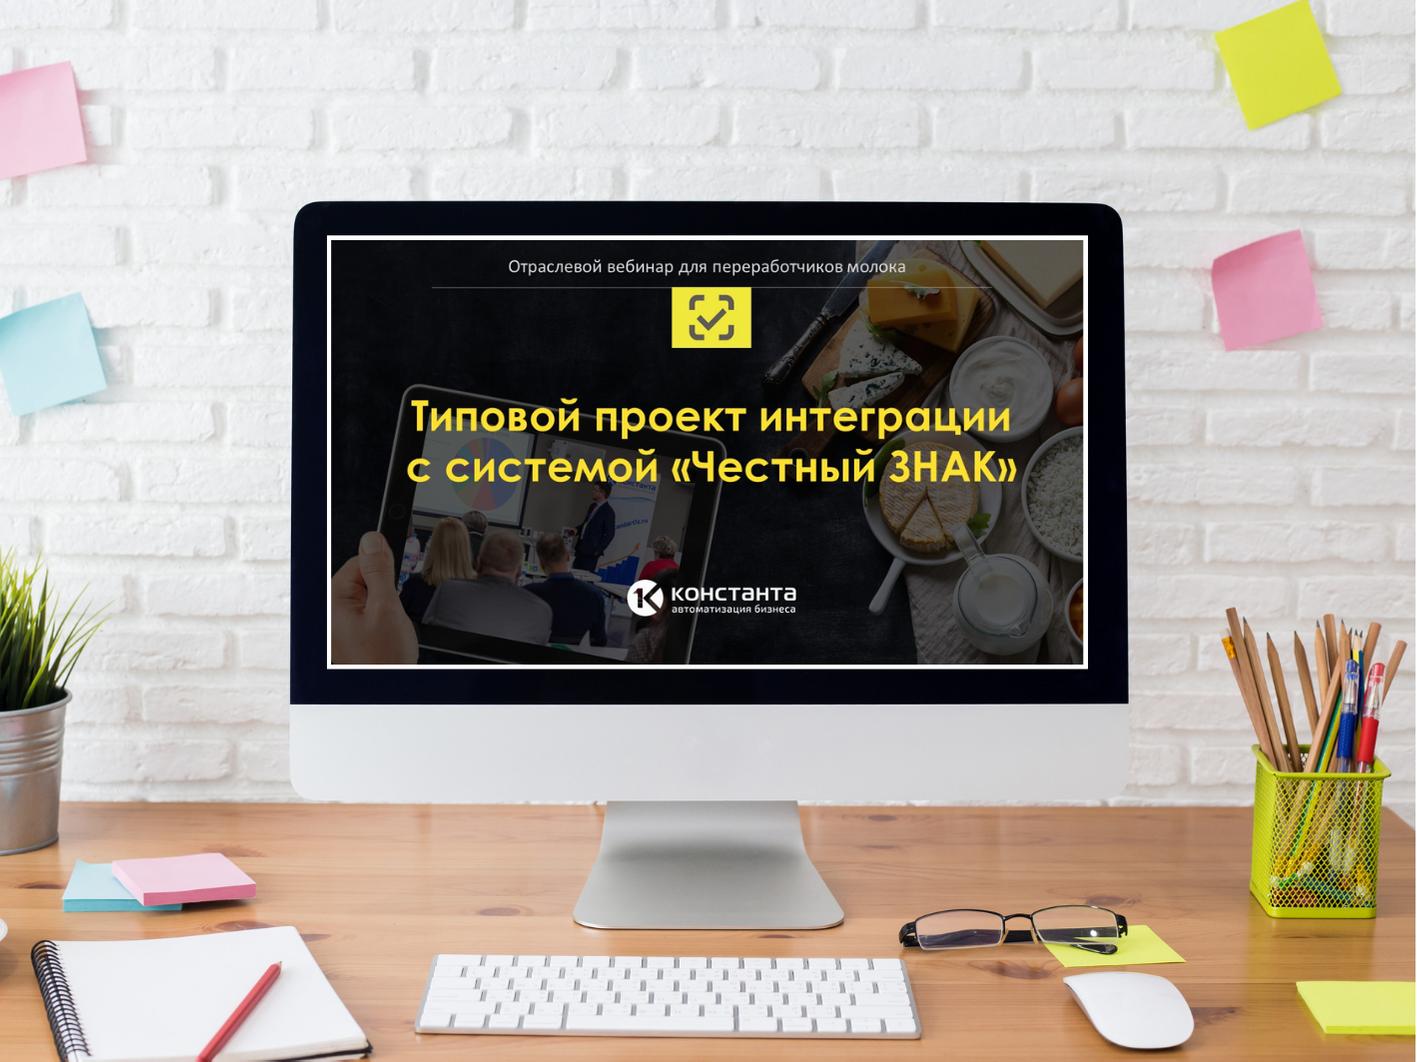 Пост-релиз вебинара «Типовой проект интеграции с системой Честный ЗНАК»